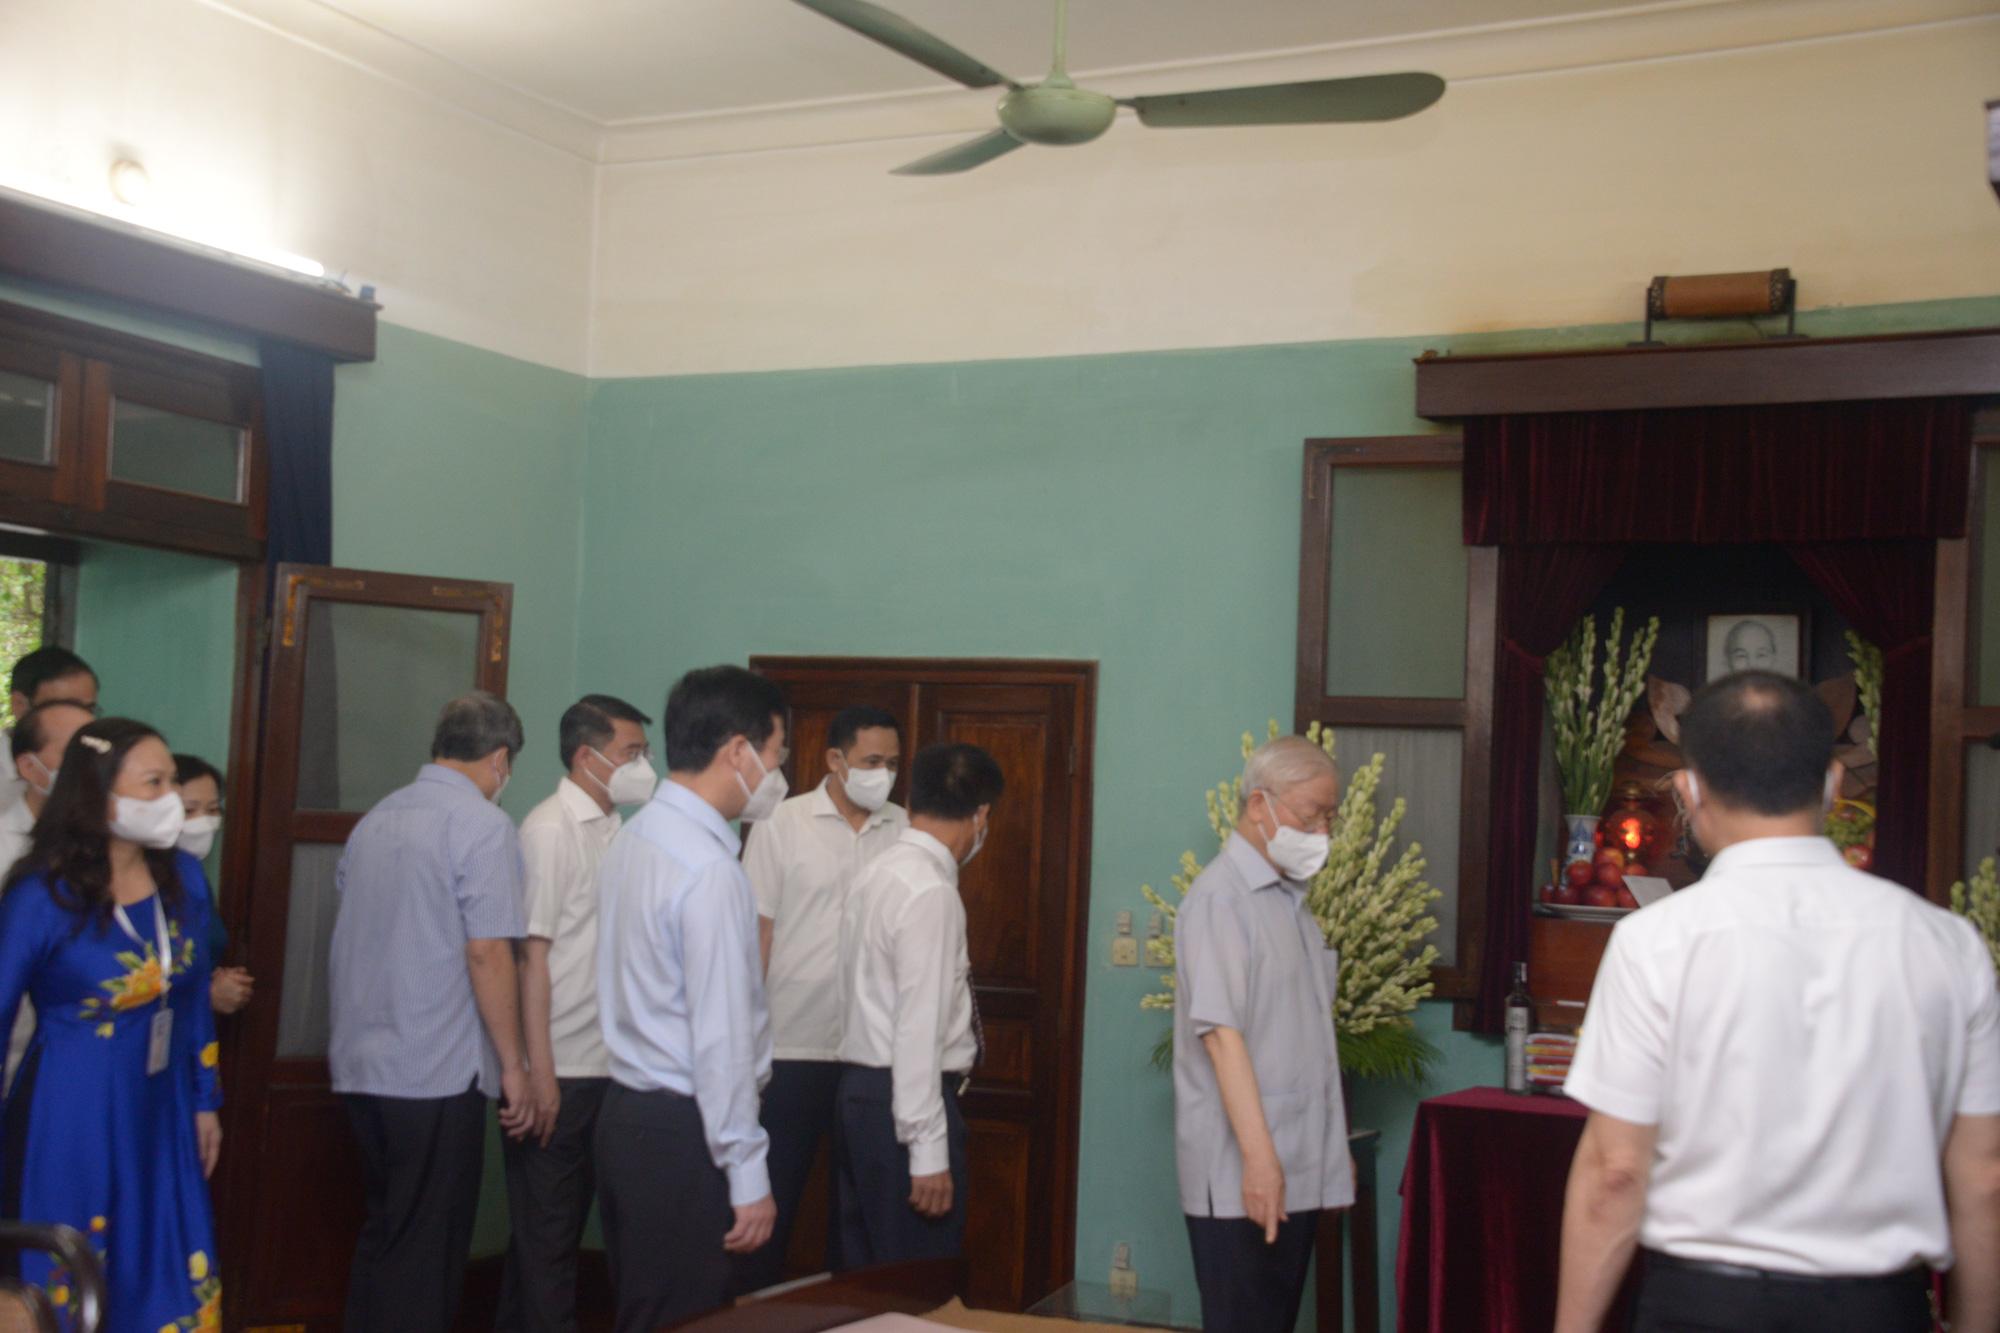 02-09_TBT Nguyễn Phú Trọng vào thắp hương tưởng niệm Chủ tịch Hồ Chí Minh_Văn Hiếu_VOV1.jpg